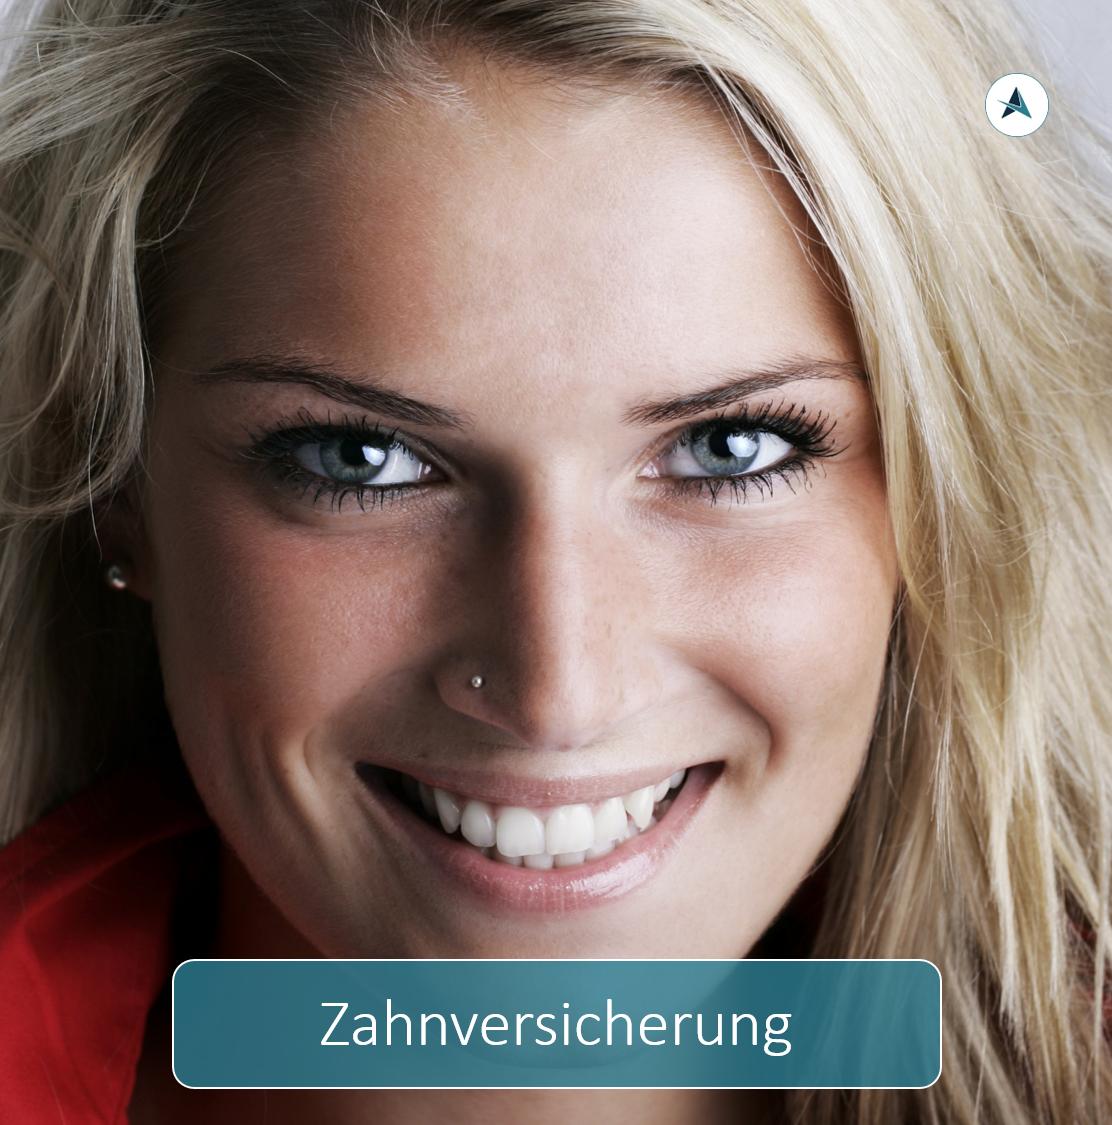 Versicherungsmakler-Berlin-Mahlsdorf-Zahnversicherung-André-Böttcher-Zahnzusatzversicherung